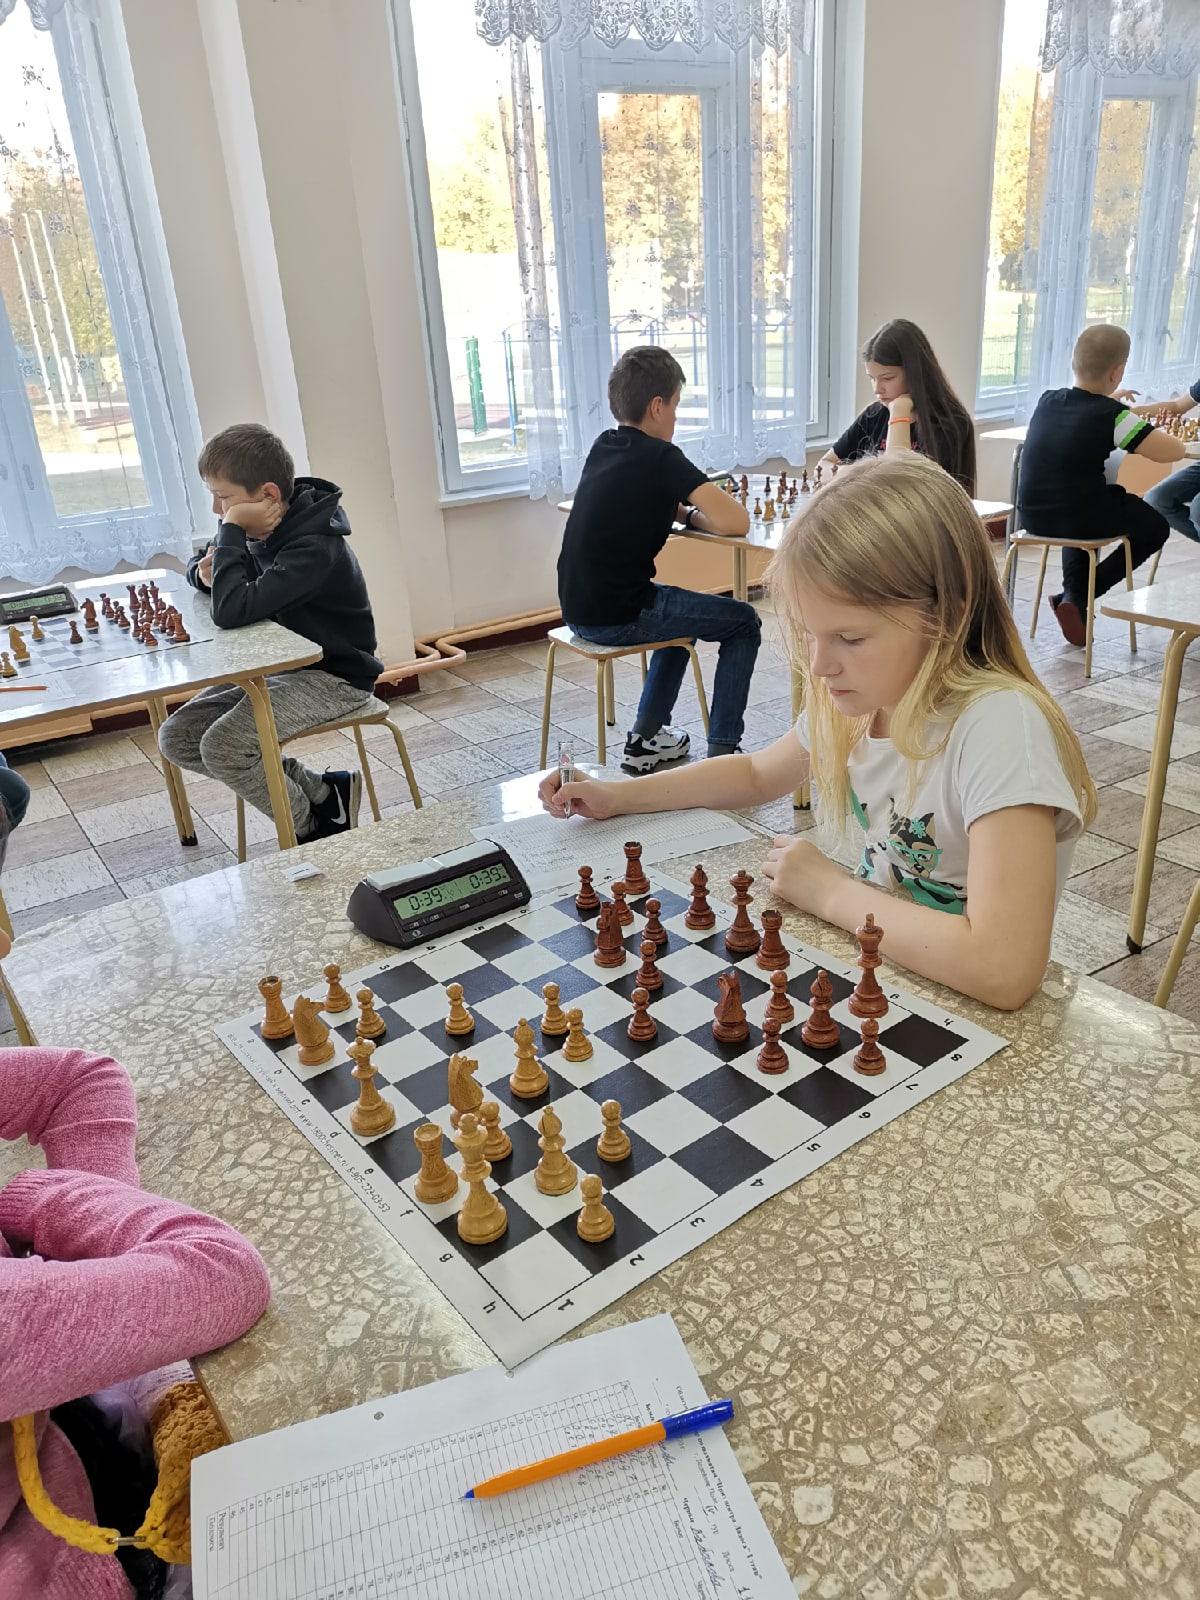 Областной турнир по шахматам «Приз «Центра «Ладога» среди школьников. 1 этап. (Мальчики, девочки до 13 лет)